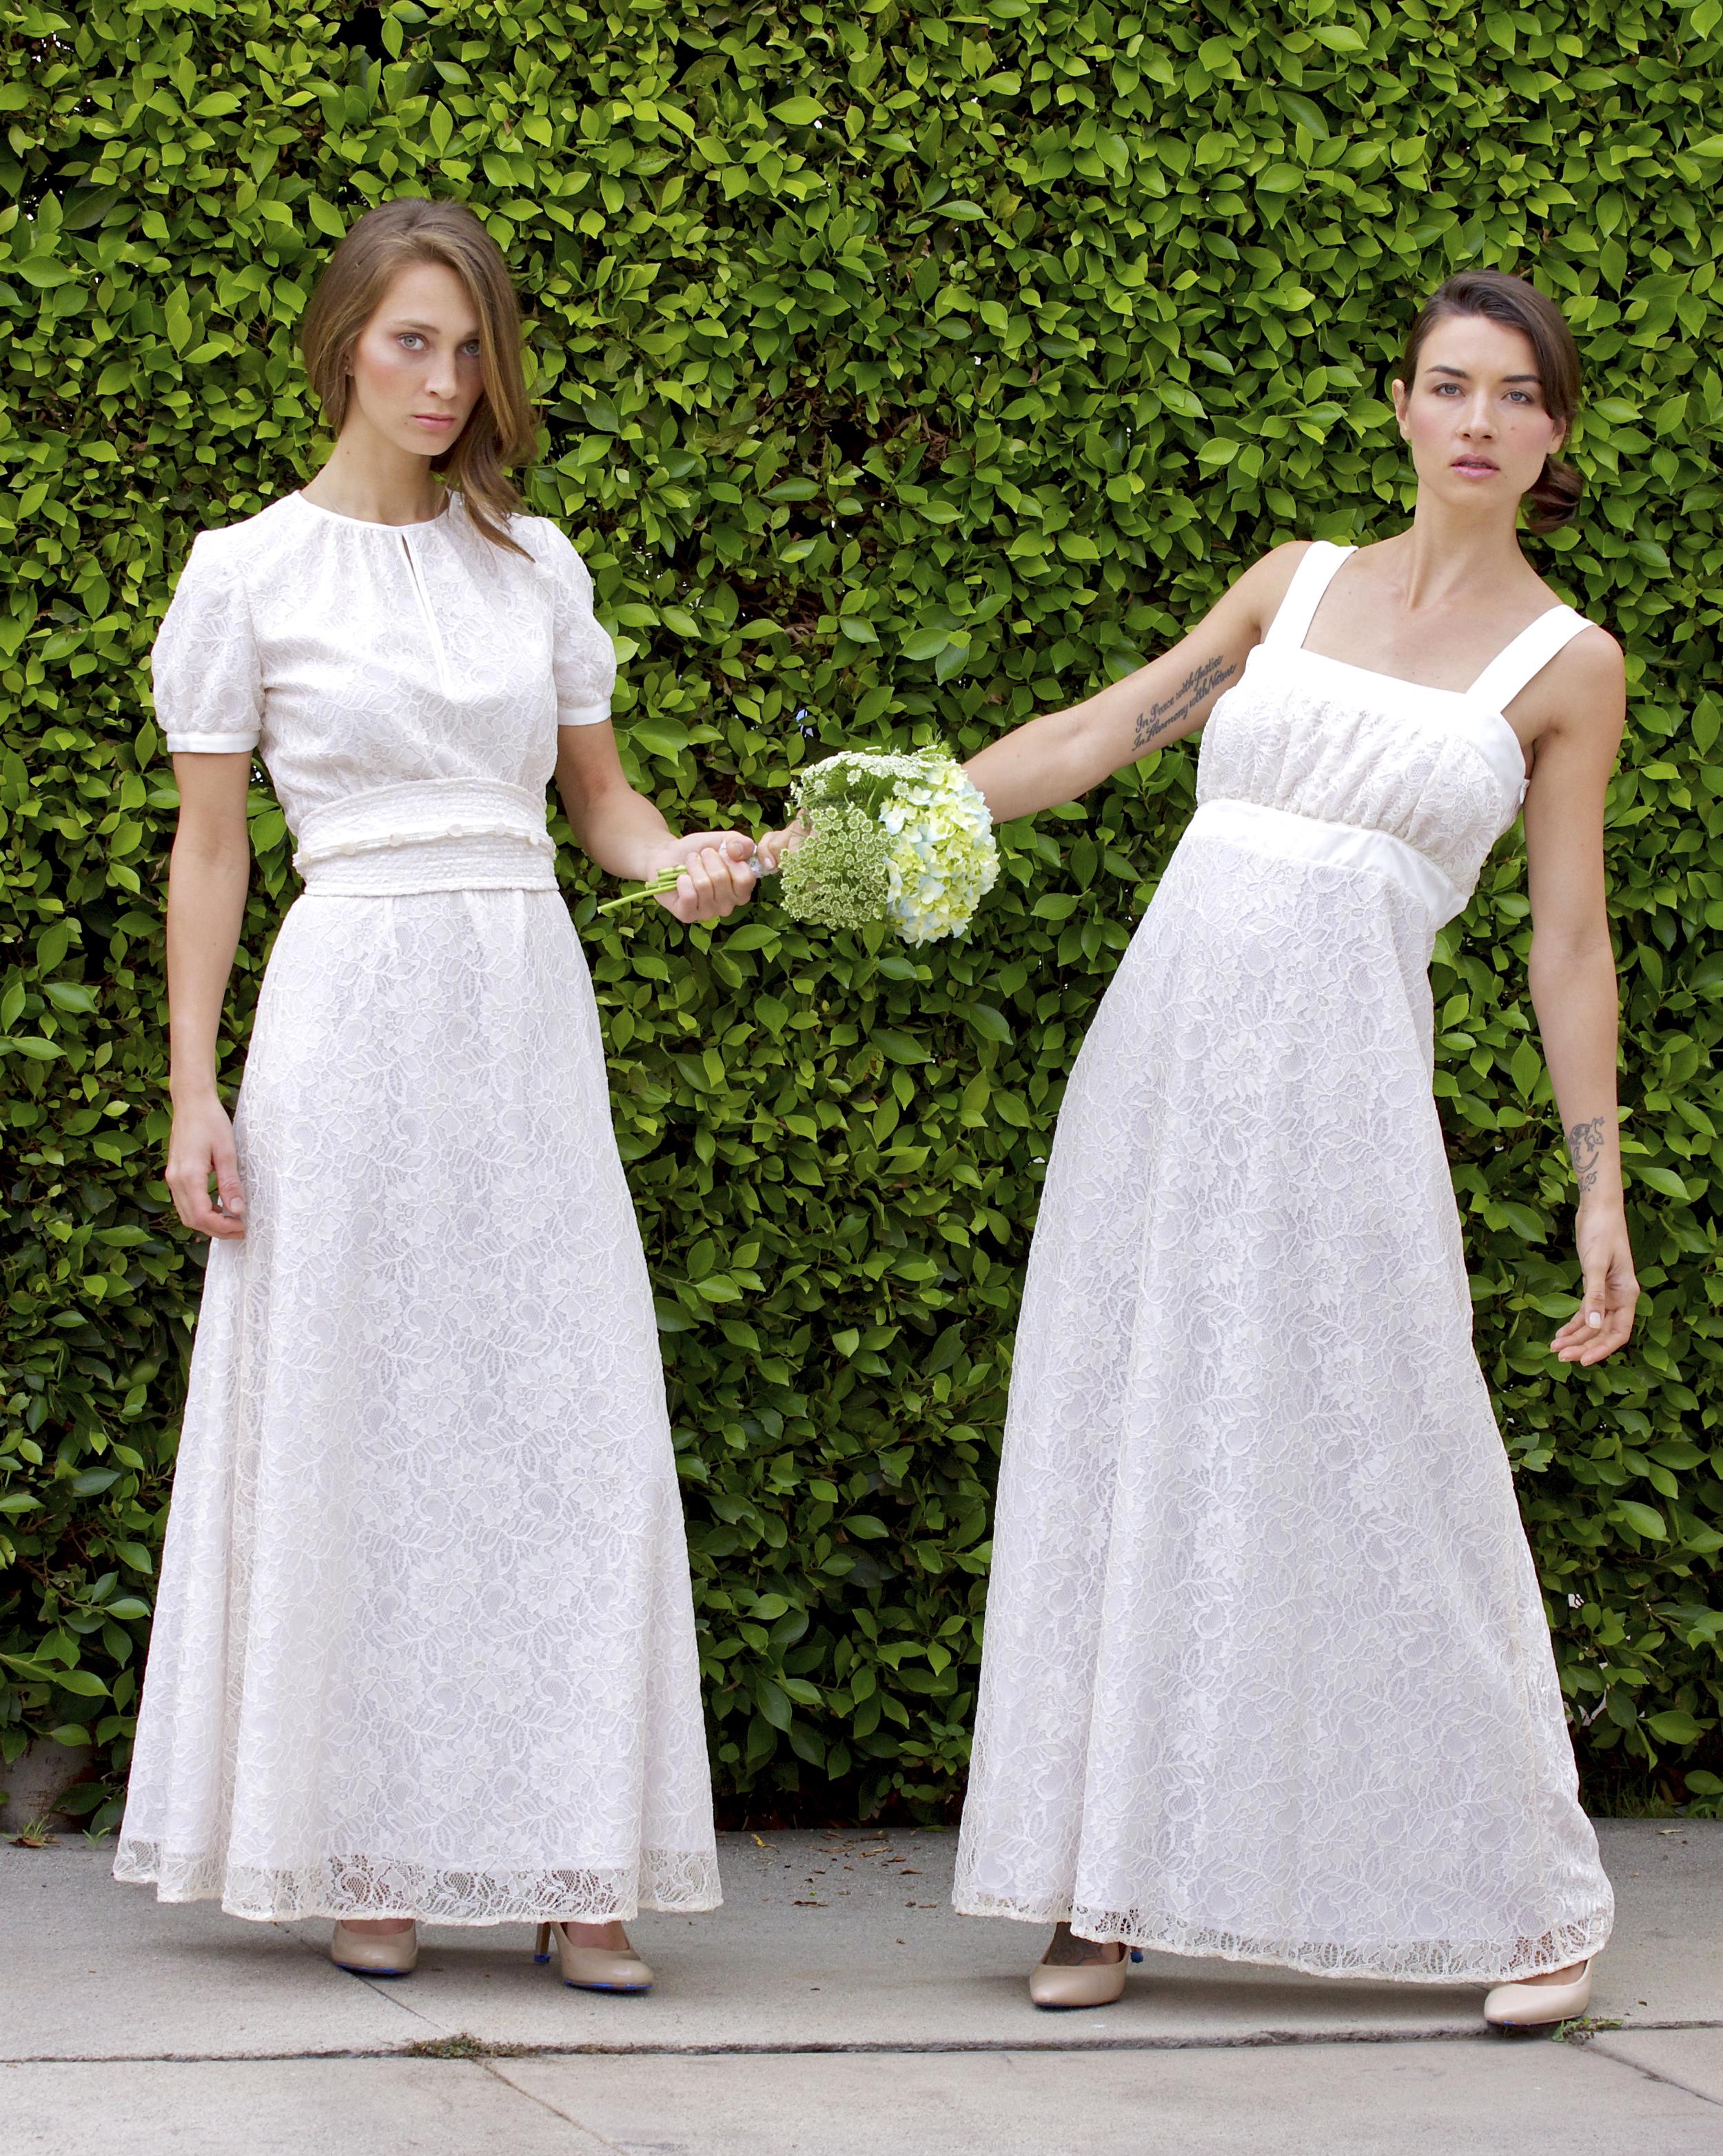 Bridal Lace Keyhole Dress with Beaded Obi